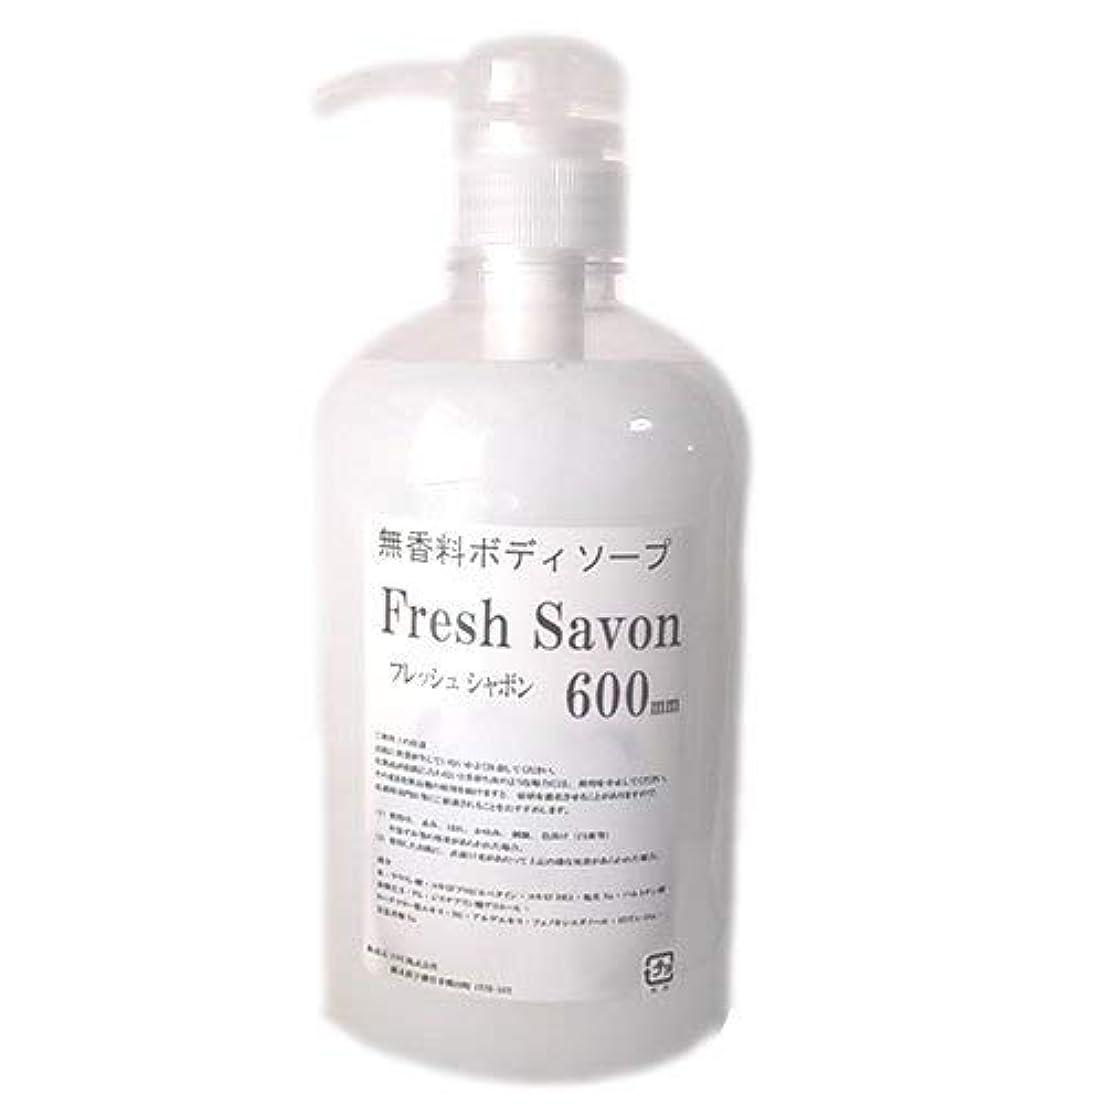 の間でくびれた敵意業務用 無香料ボディソープ フレッシュシャボン 香りが残らないタイプ (1本)